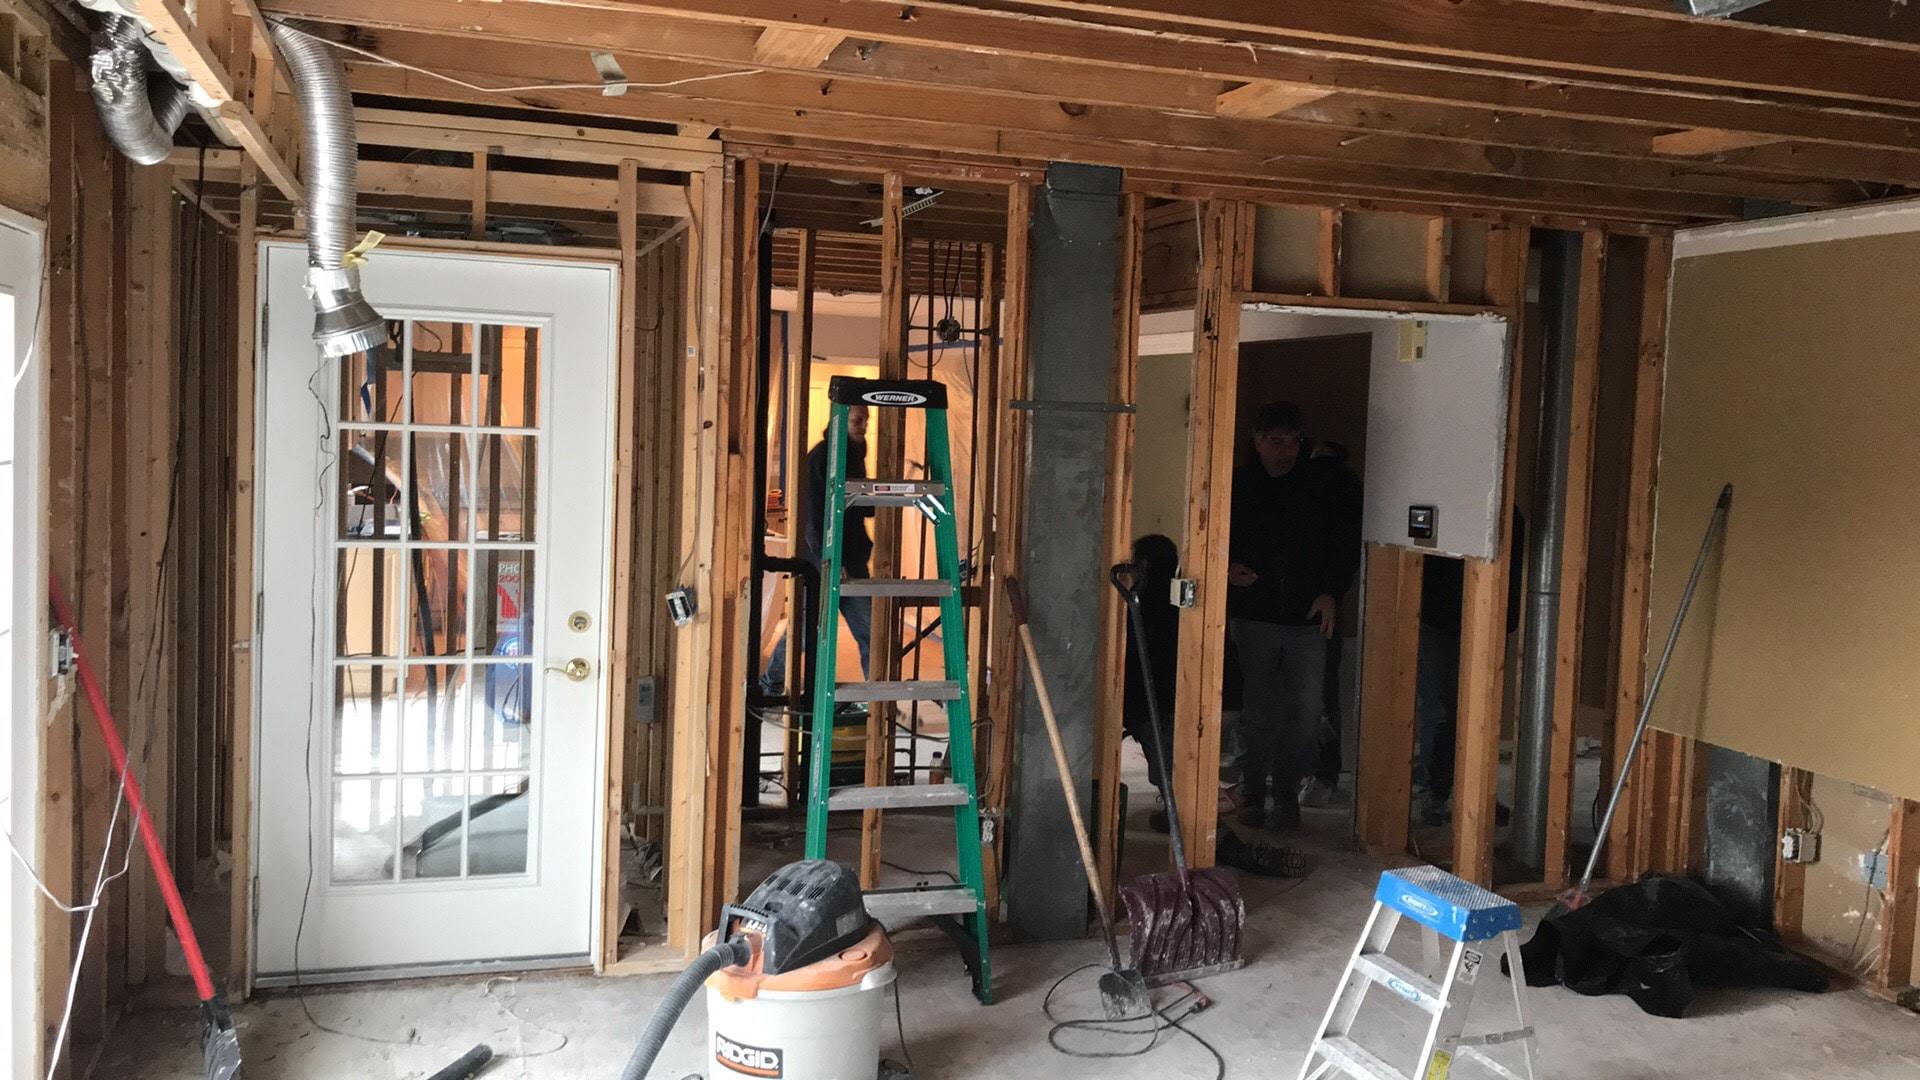 st louis property restoration services